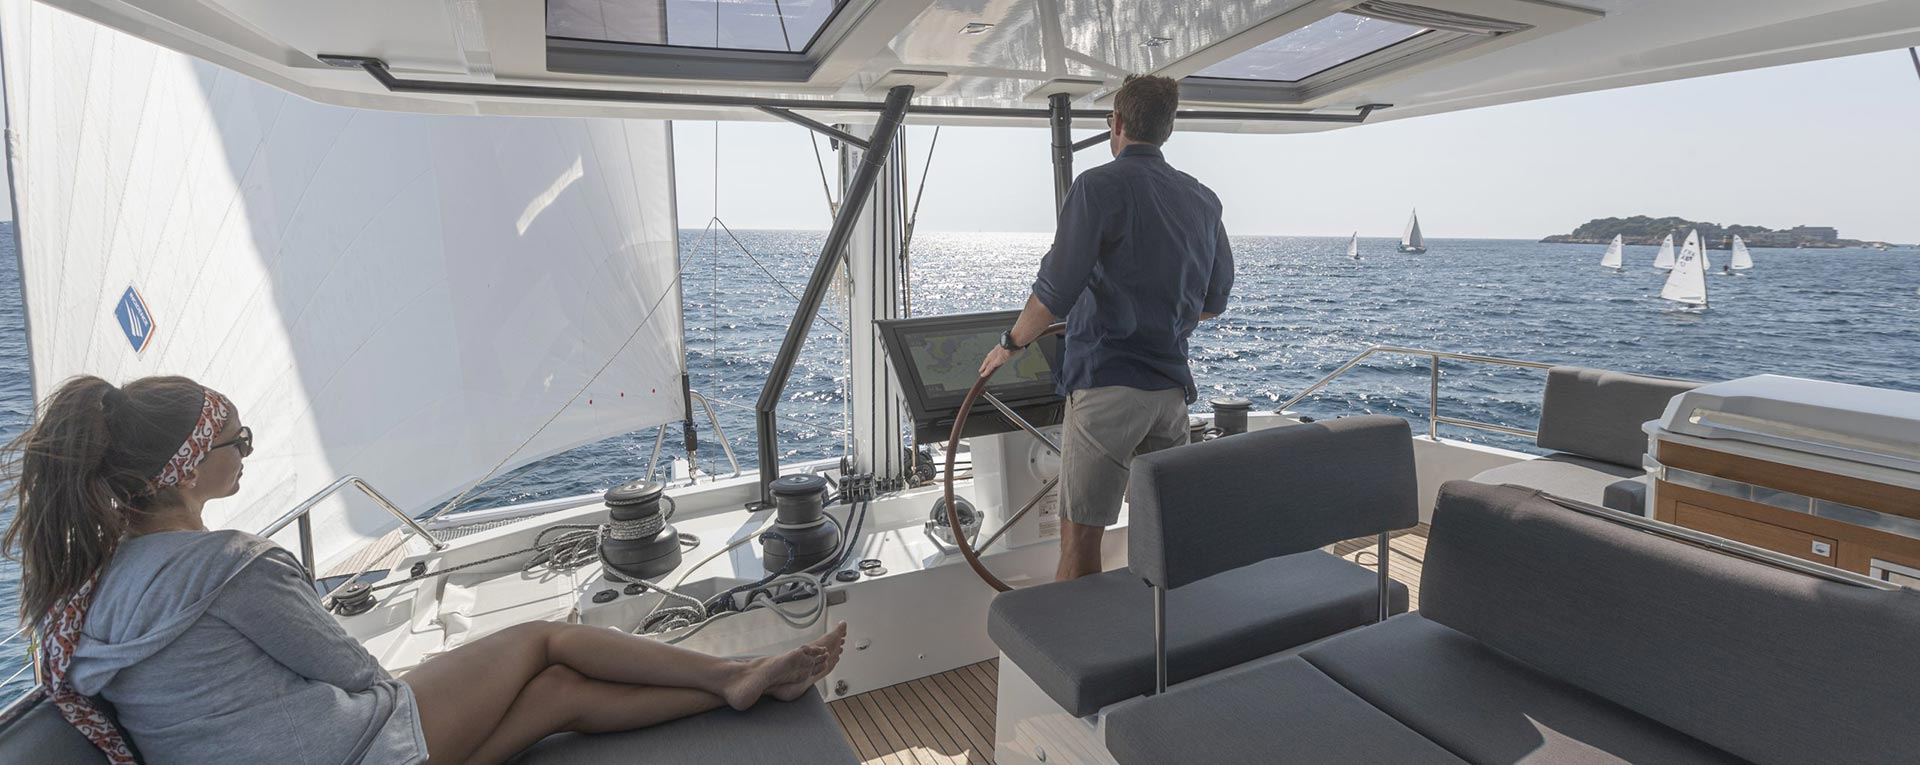 Astoria Catamaran Footer Image